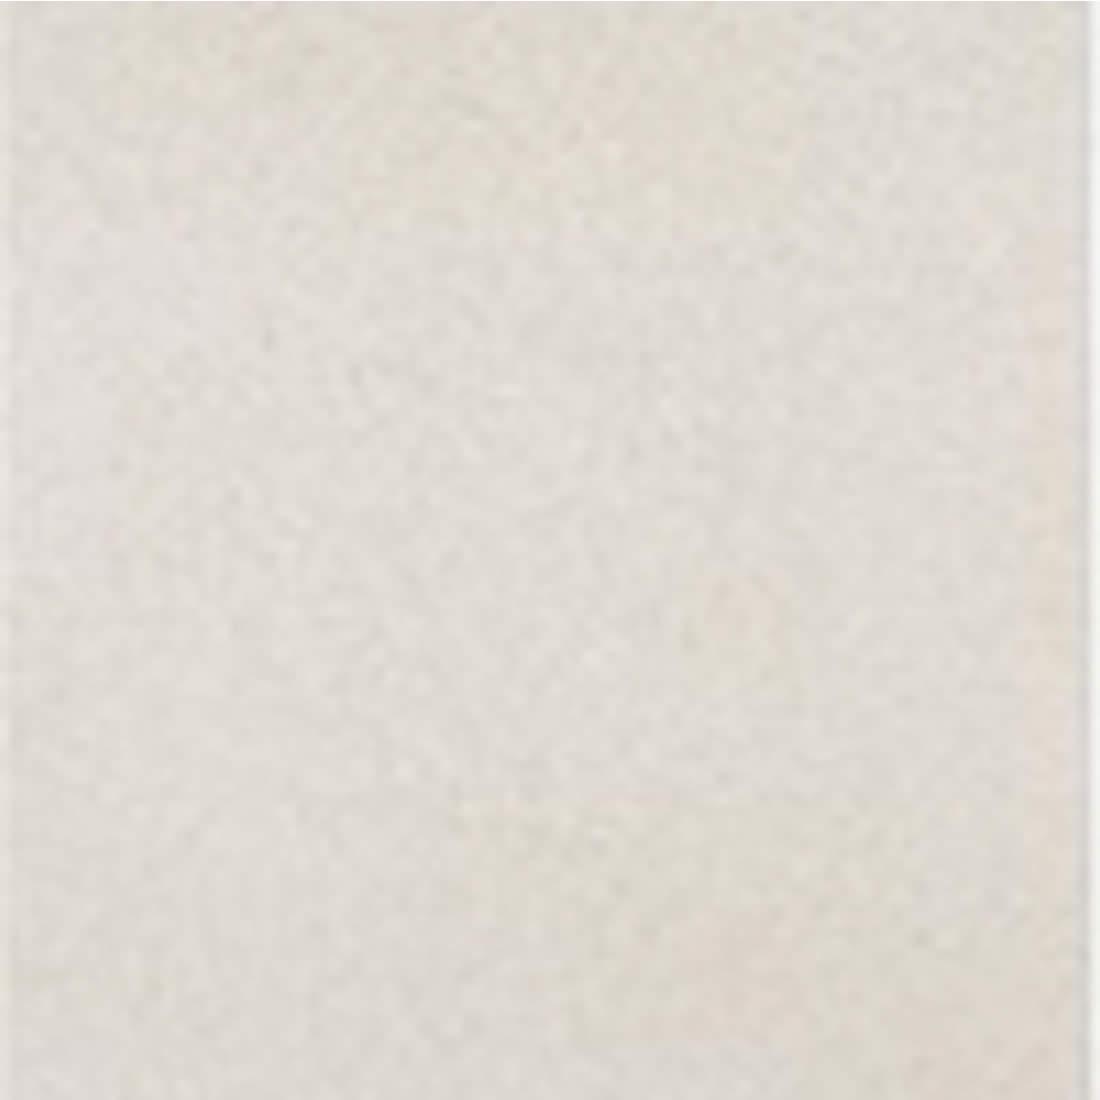 Porcelanato Portinari 58,4 x 58,4 Silex NO Hard Ref 55764